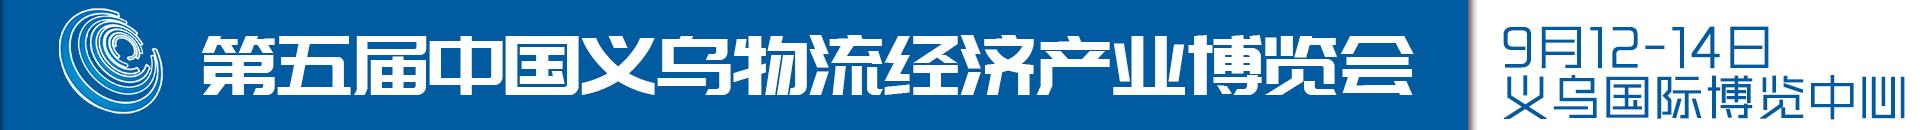 第五届2021中国义乌物流经济产业博览会 暨全球跨境电商平台招商会